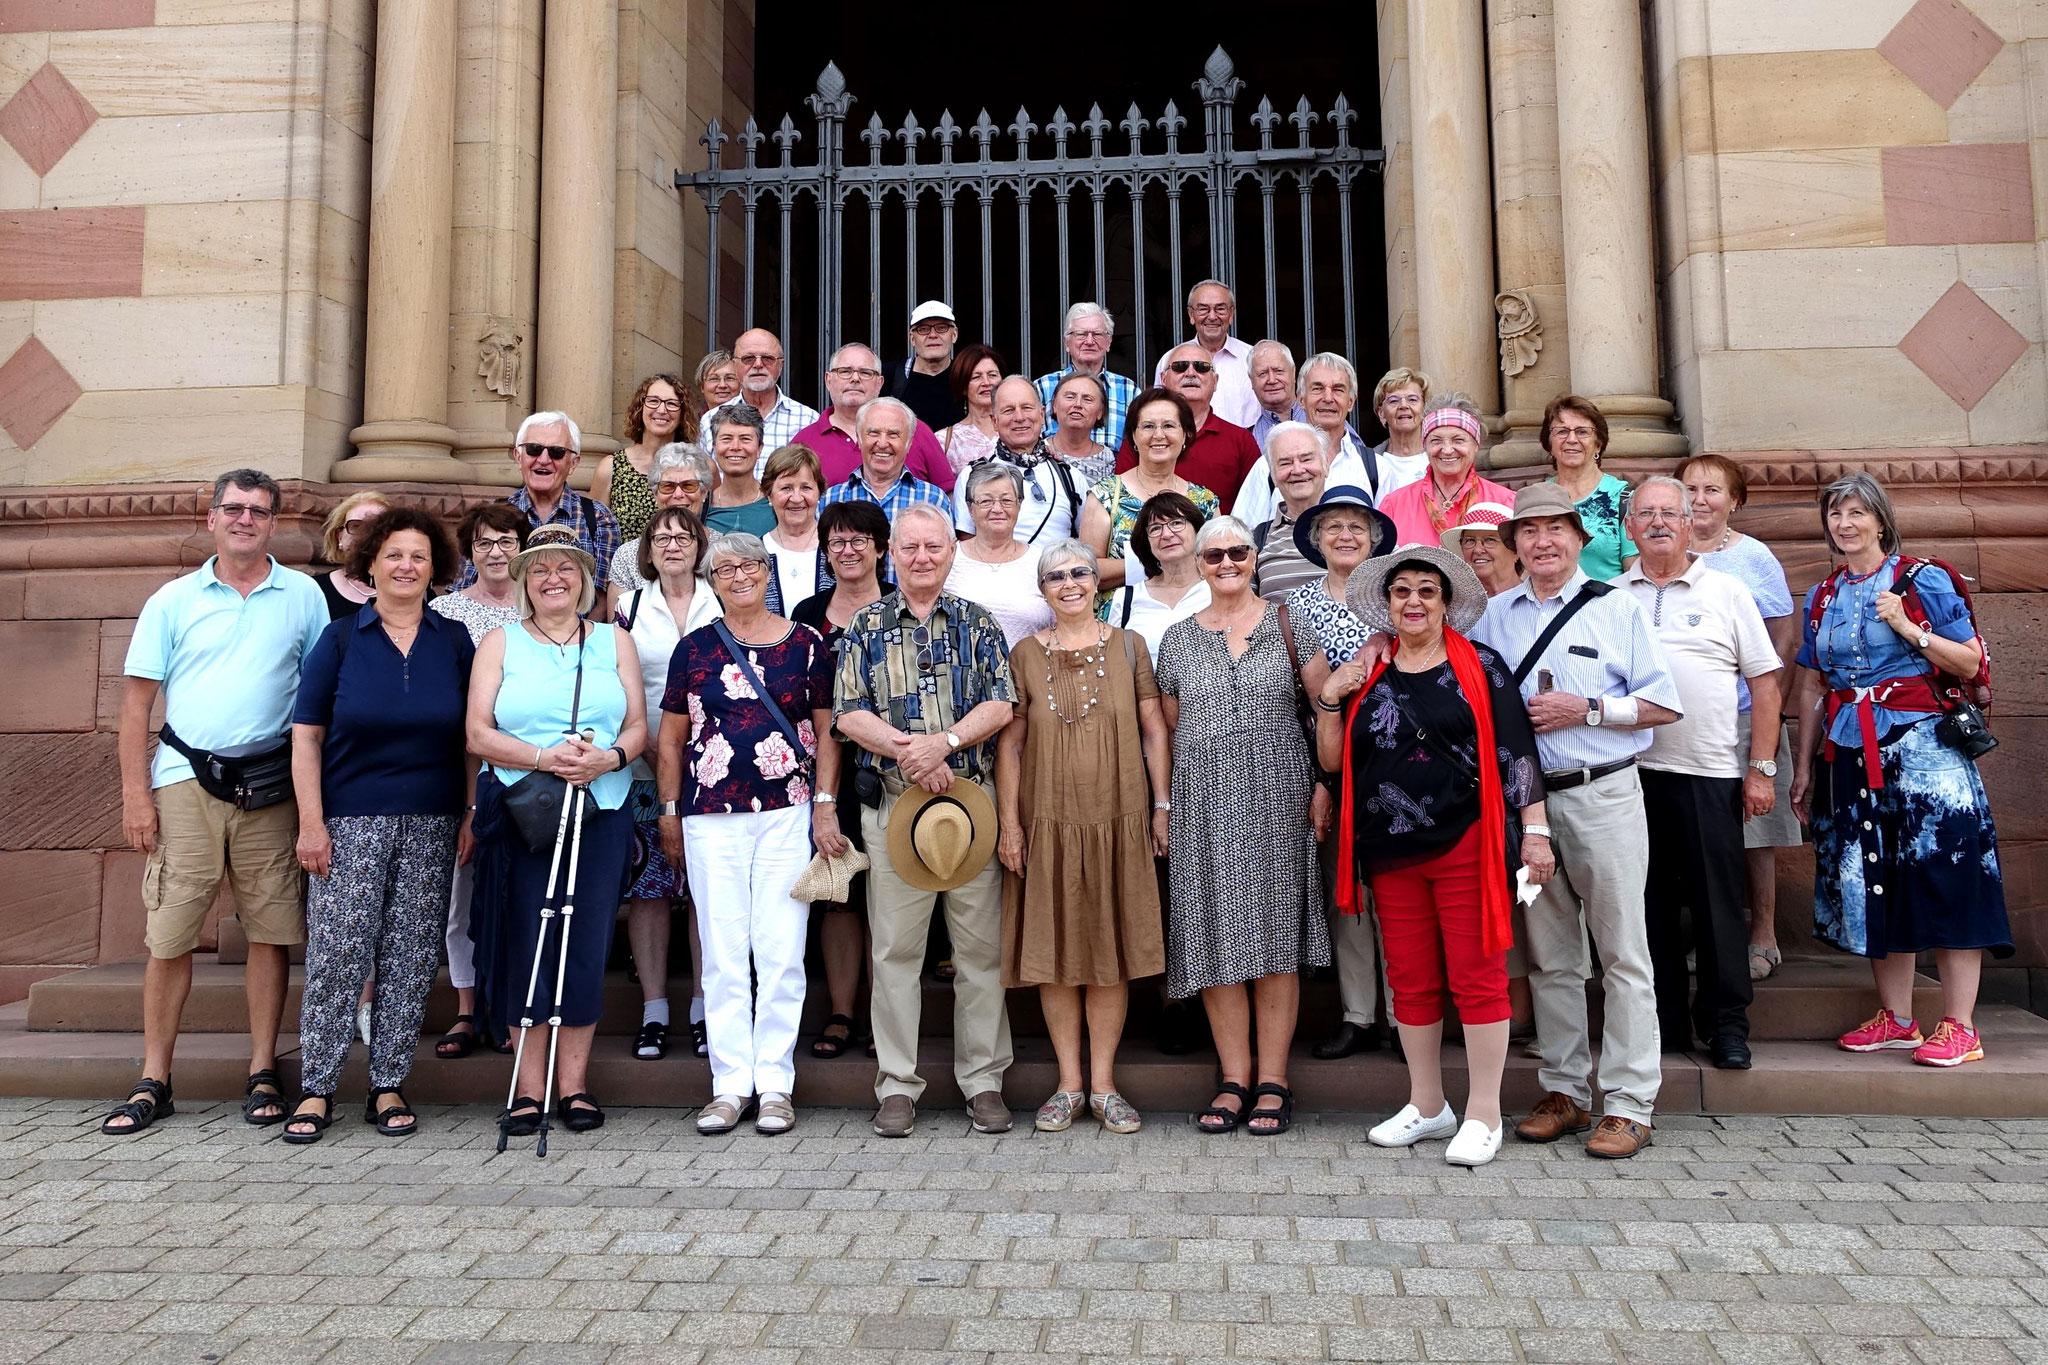 29.07.2018 - vor dem Dom zu Speyer beim Chorausflug nach Neustadt an der Weinstraße